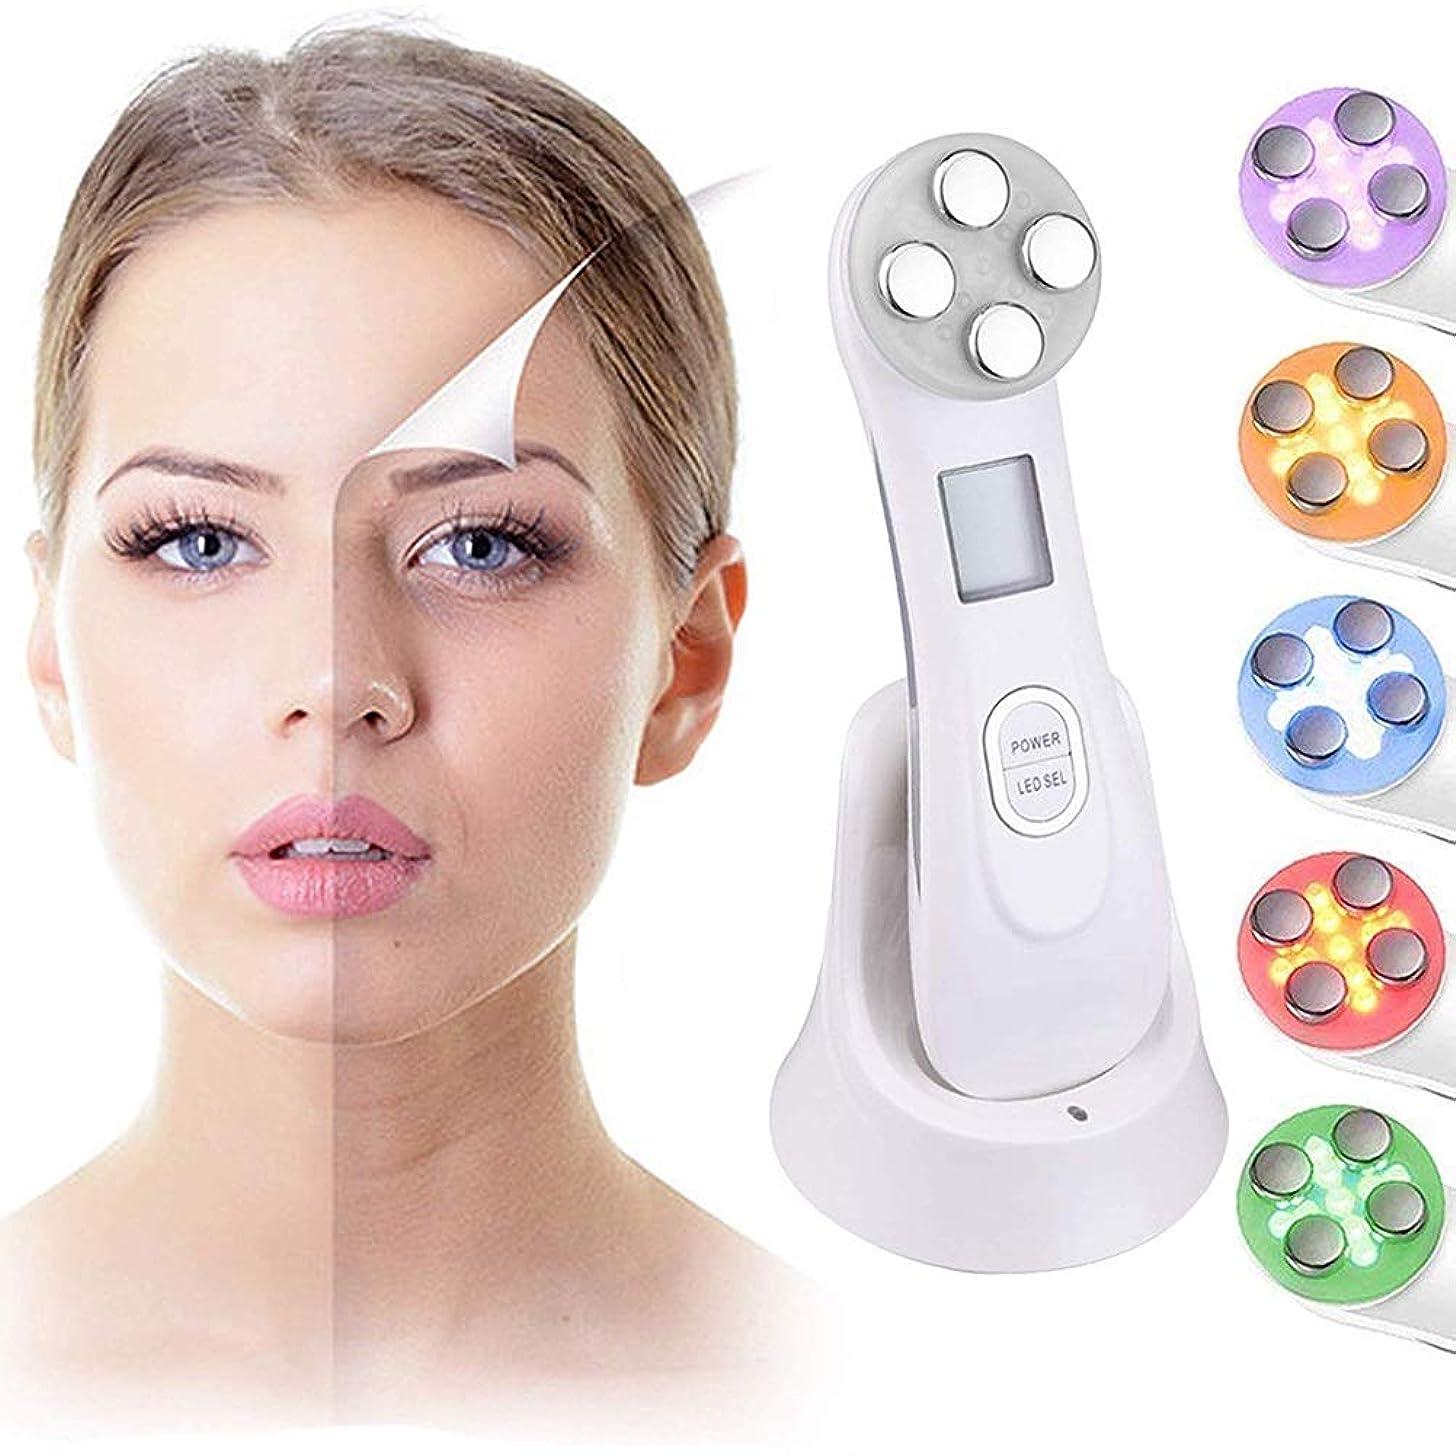 署名文芸プレビスサイトスキンケアRF美容機、LEDライトセラピーアンチエイジング肌の若返り肌の引き締め機、無線周波数フェイスリフトマシーンはしわによって傷つけられた肌の外観を改善します